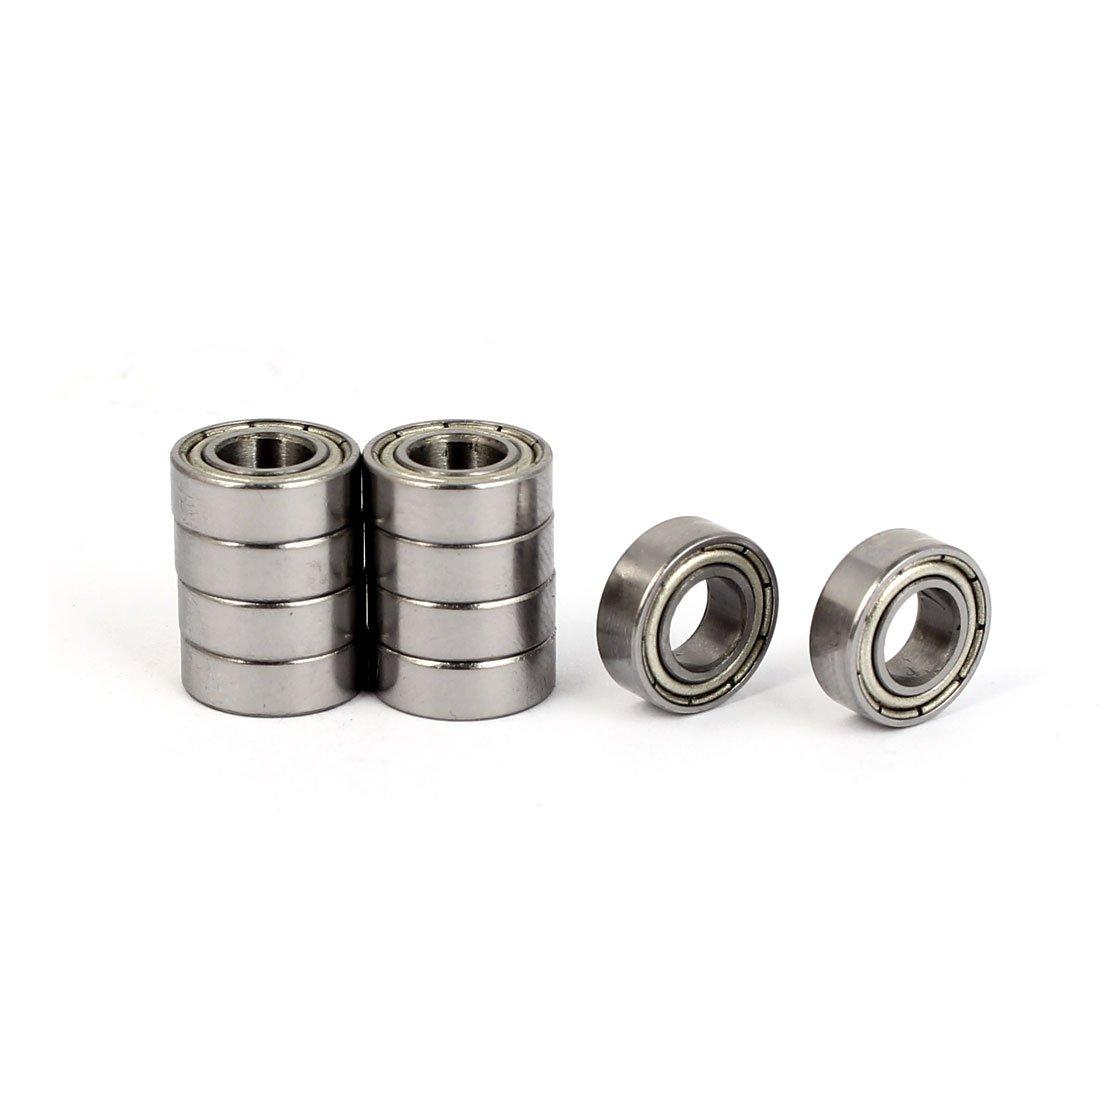 uxcellZZMR126 12mm OD 6mm Bore Diameter Deep Groove Ball Bearing 10pcs